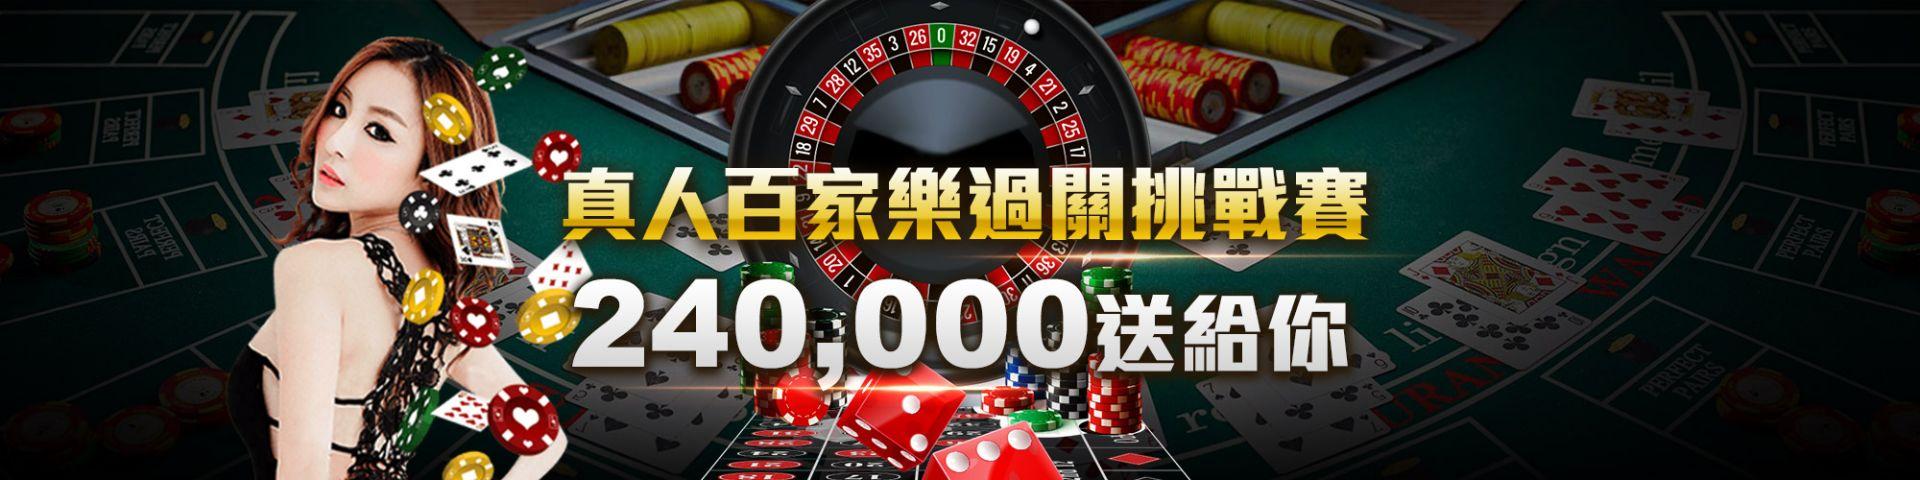 淘金娛樂城-真人百家樂過關挑戰賽-最高獎金240000